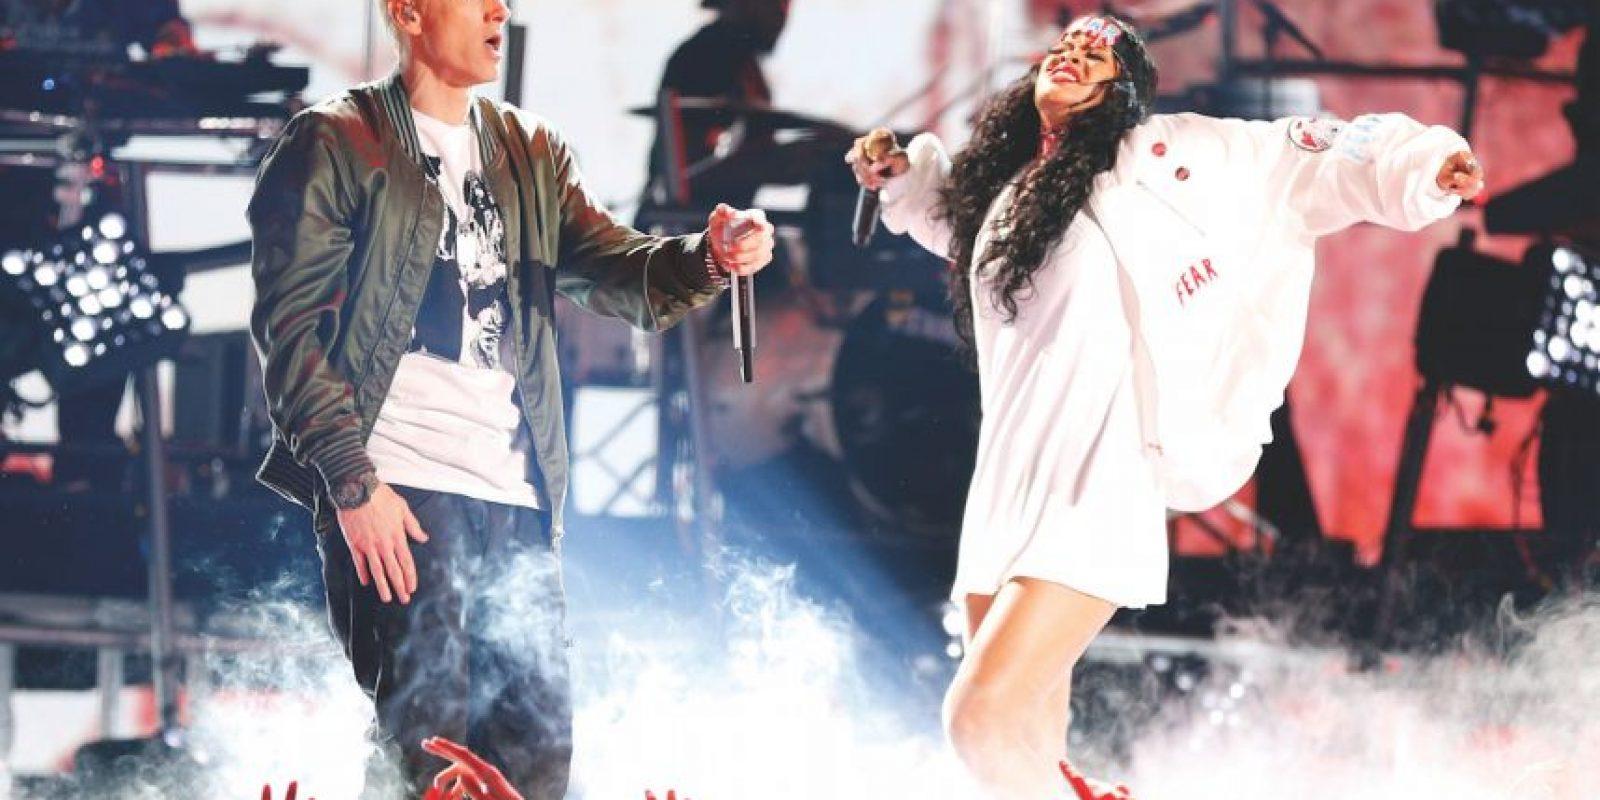 """Eminem con Rihanna – """"Love The Way You Lie"""" (2010) Es el himno que nace de la adversidad, con récord en ventas, """"Love The Way You Lie"""" definió el 2010 y podría decirse, la carrera de Eminem. El duro tema ve a los dos artistas unirse a través de una comprensión compartida de las relaciones turbulentas. Foto:Getty Images"""